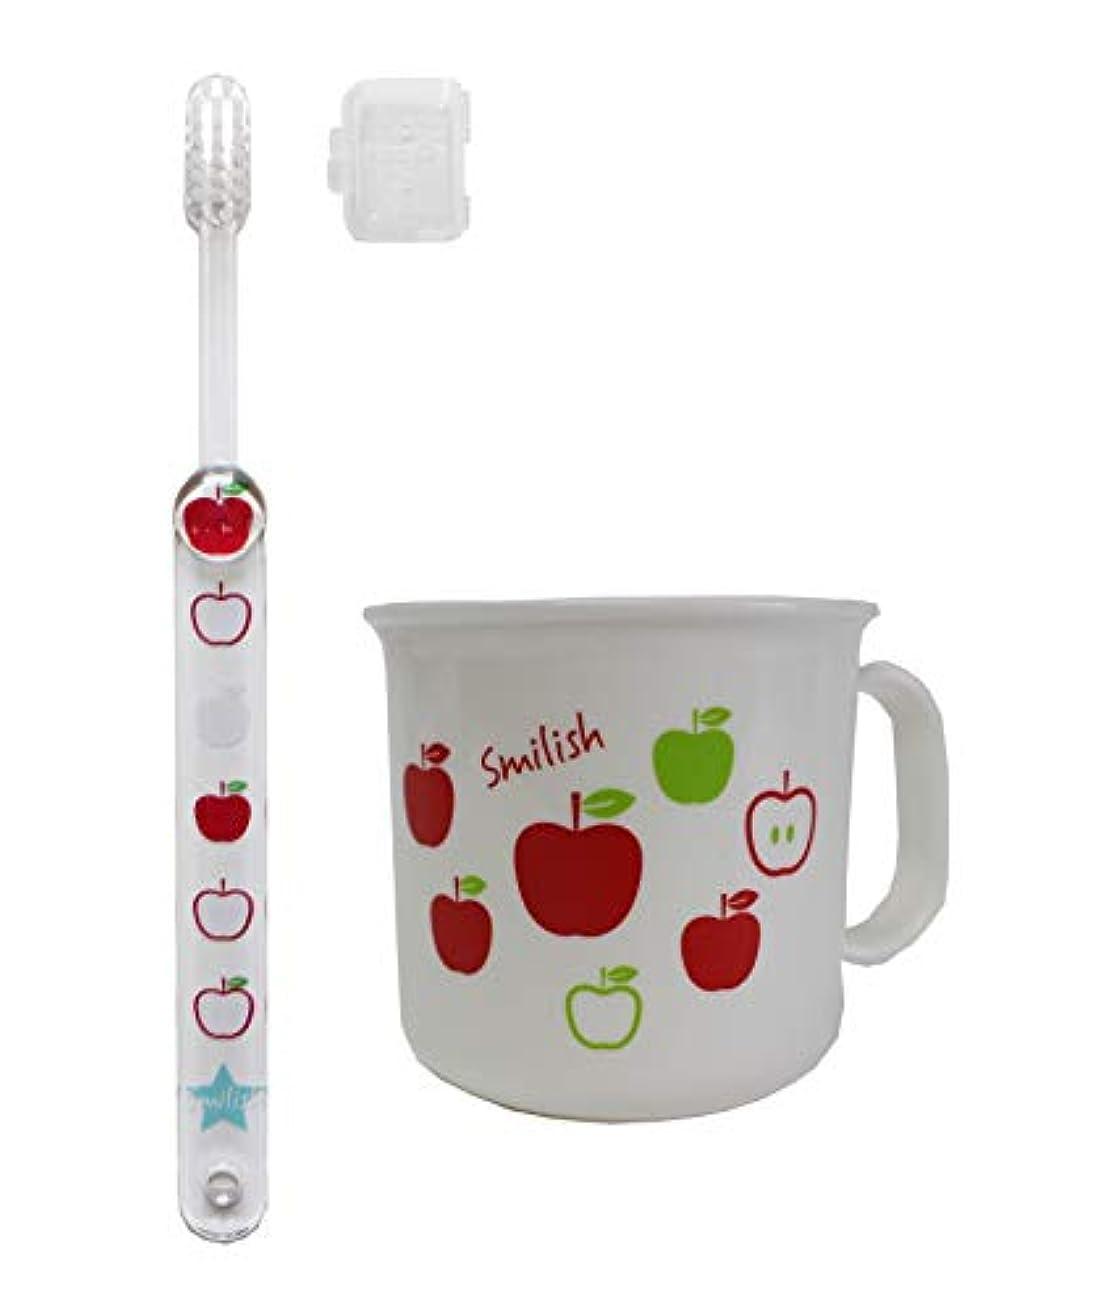 放散する雄弁な打ち負かす子ども歯ブラシ(キャップ付き) 耐熱コップセット アップル